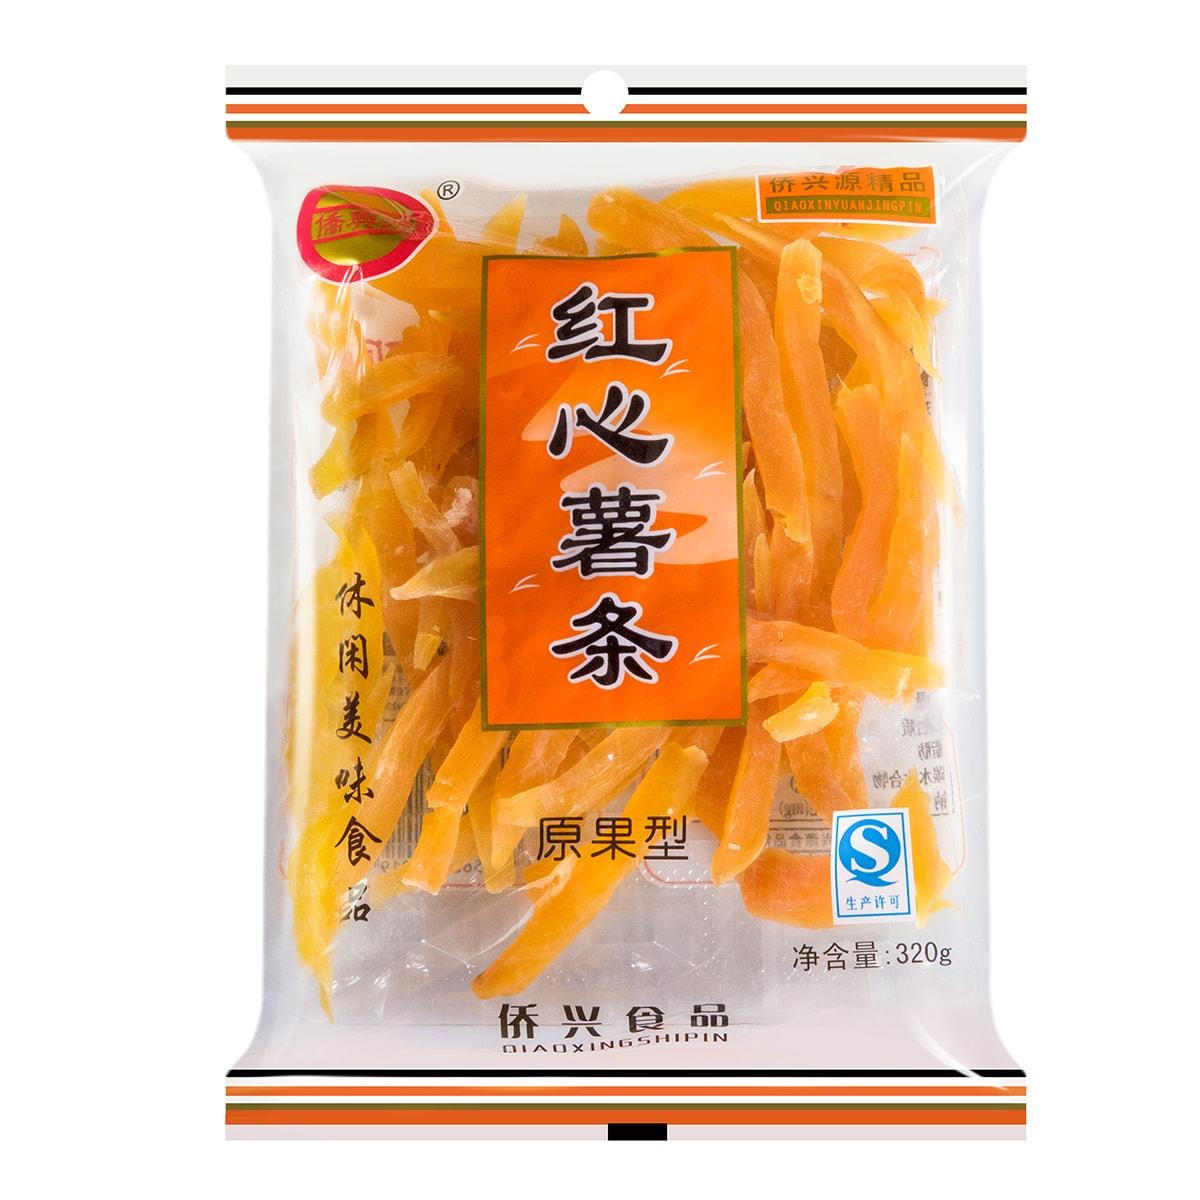 侨兴源 红心薯条 320g